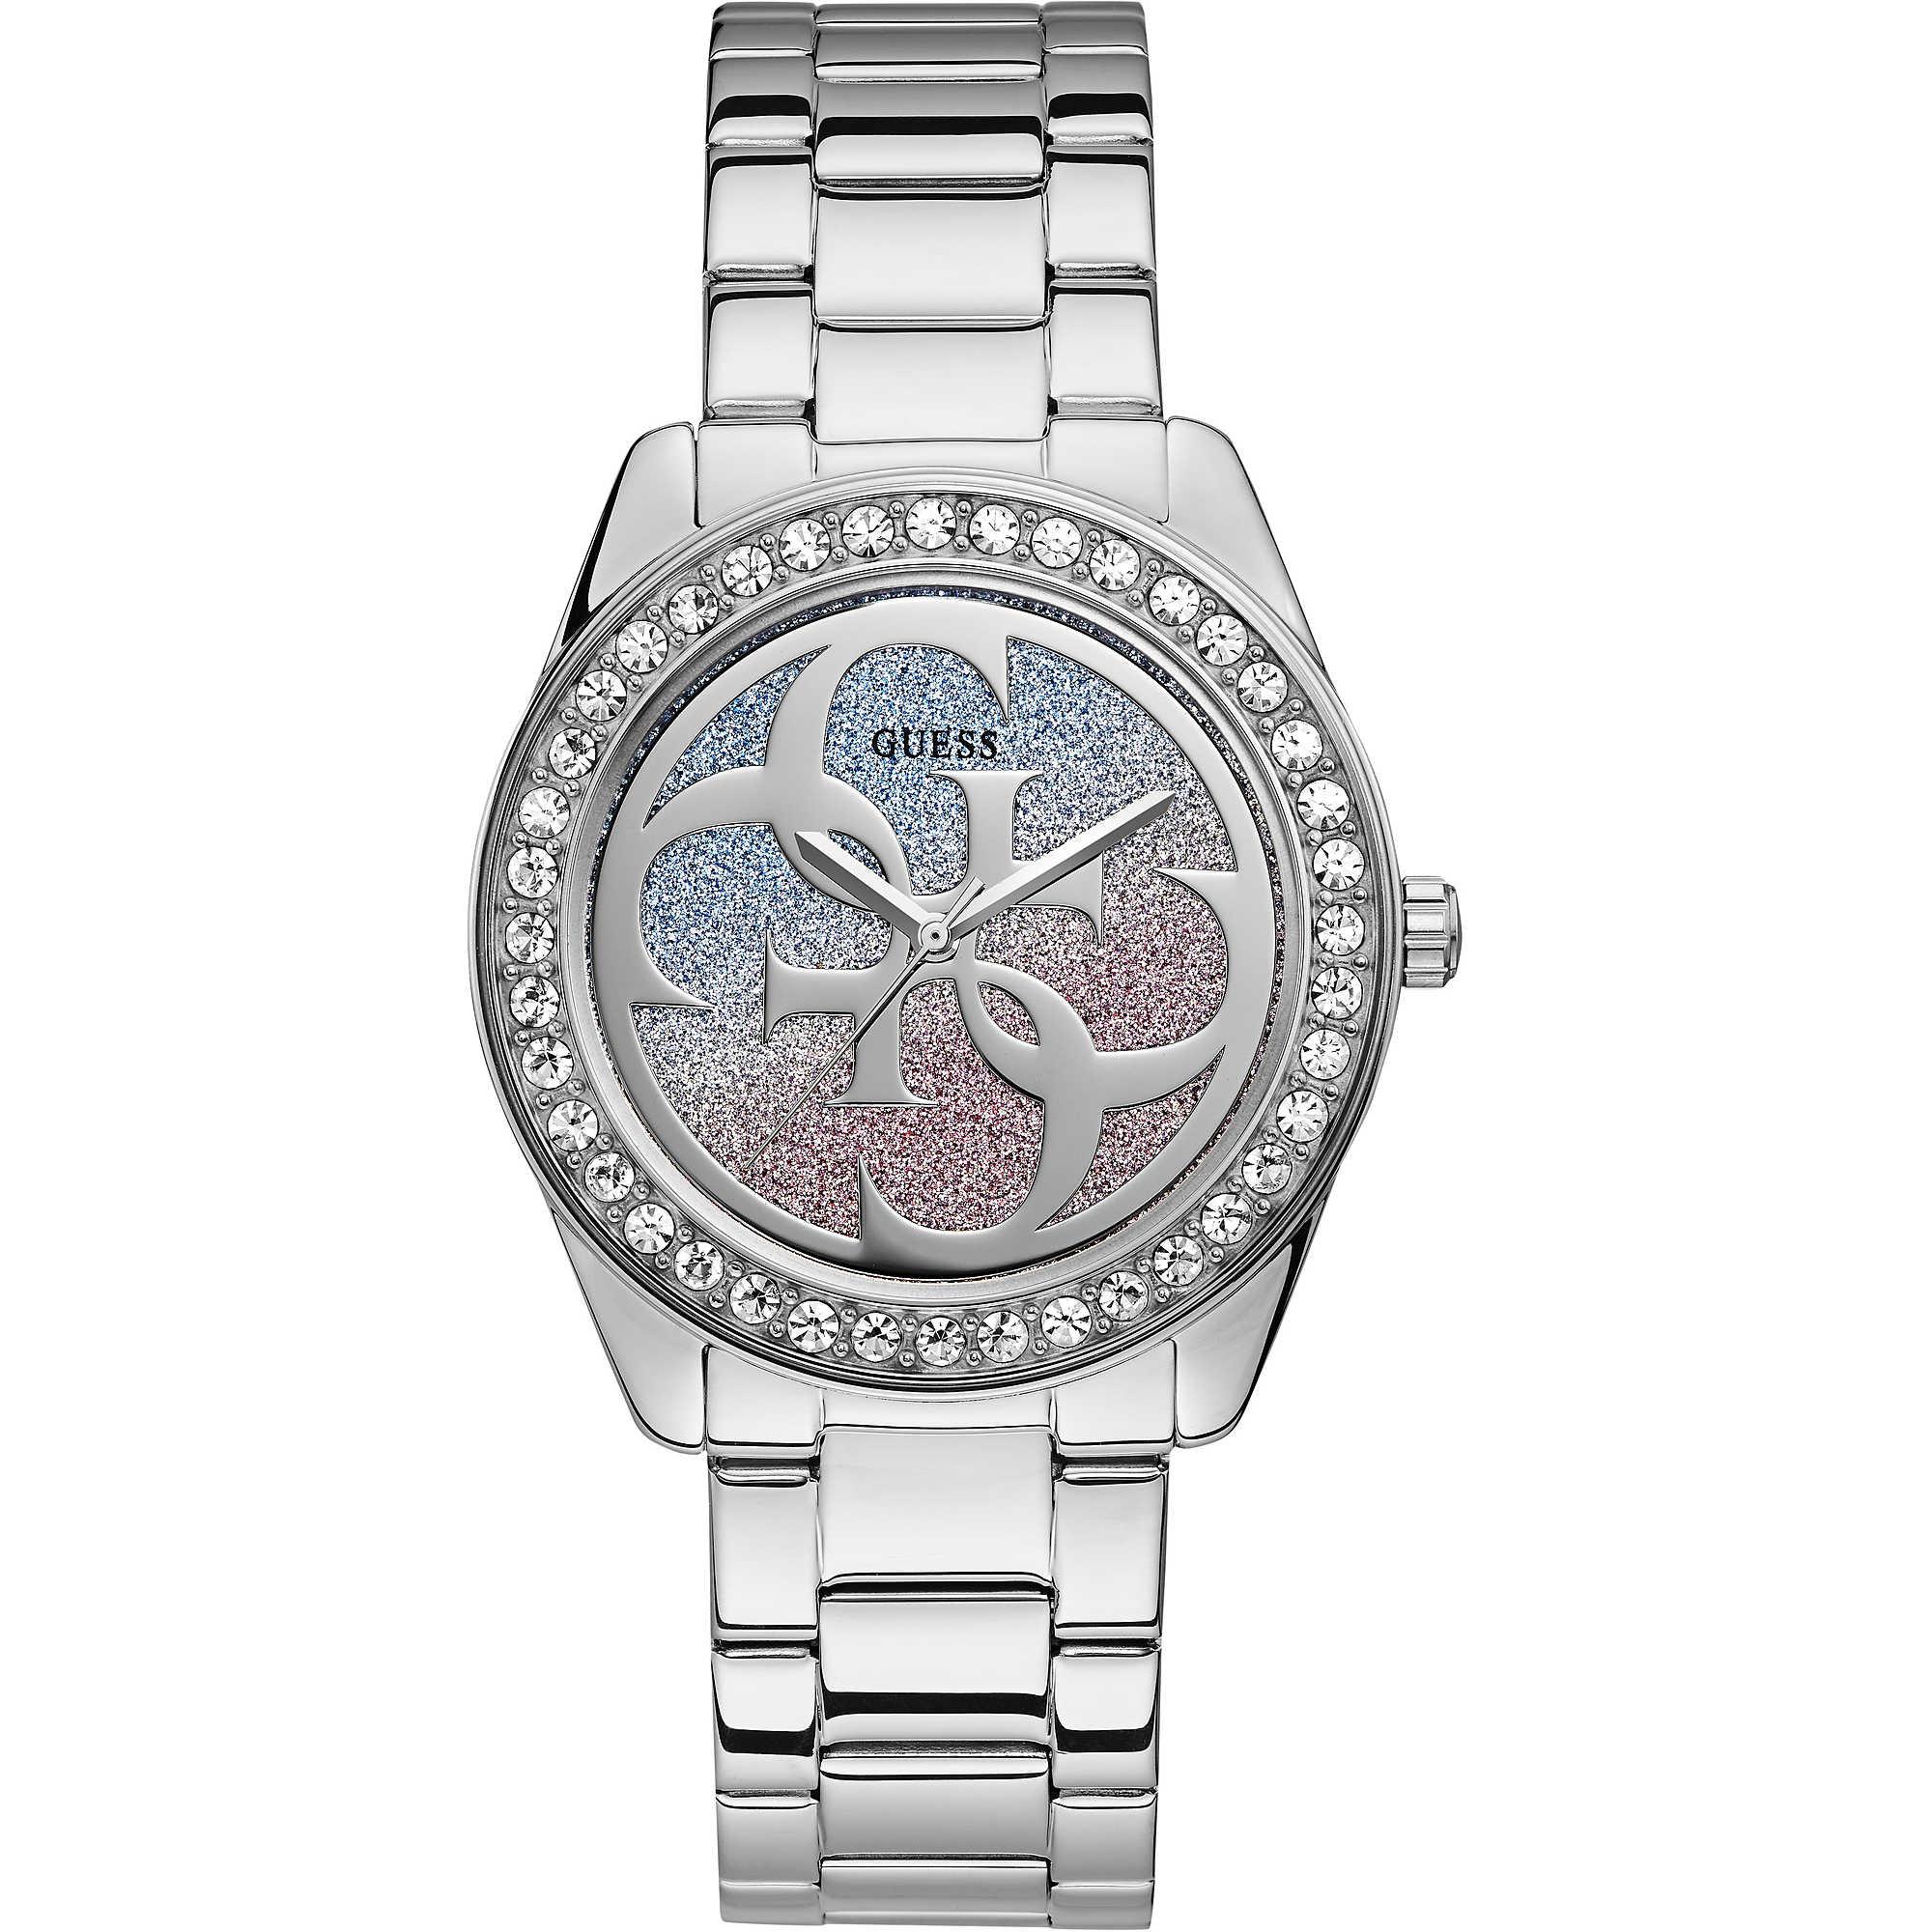 Orologio Guess Donna Solo Tempo G TWIST Strass e glitter W1201L1